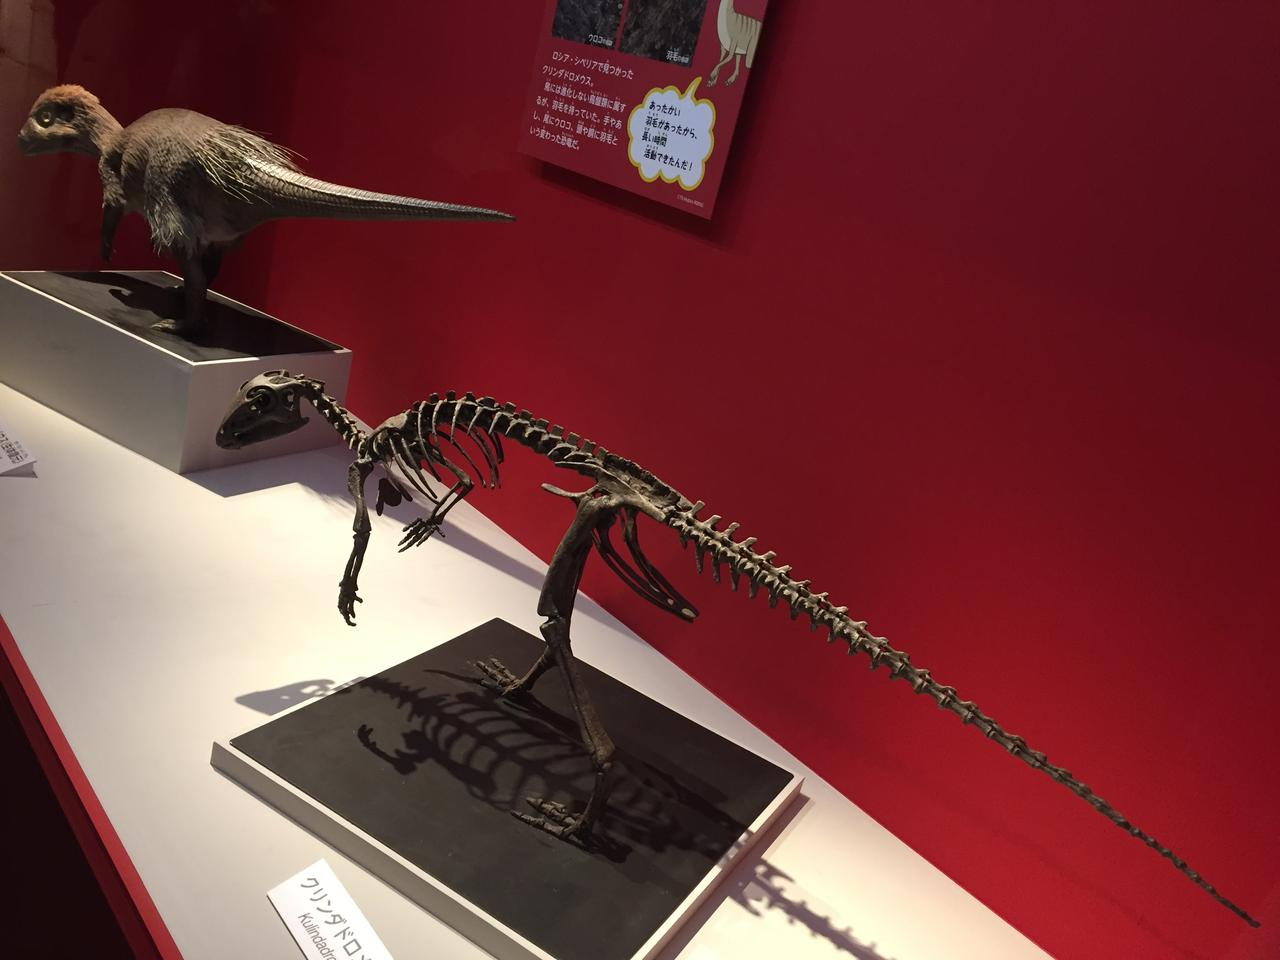 画像1: うろこと羽毛がある鳥盤類クリンダドロメウスの発見で考えられる事